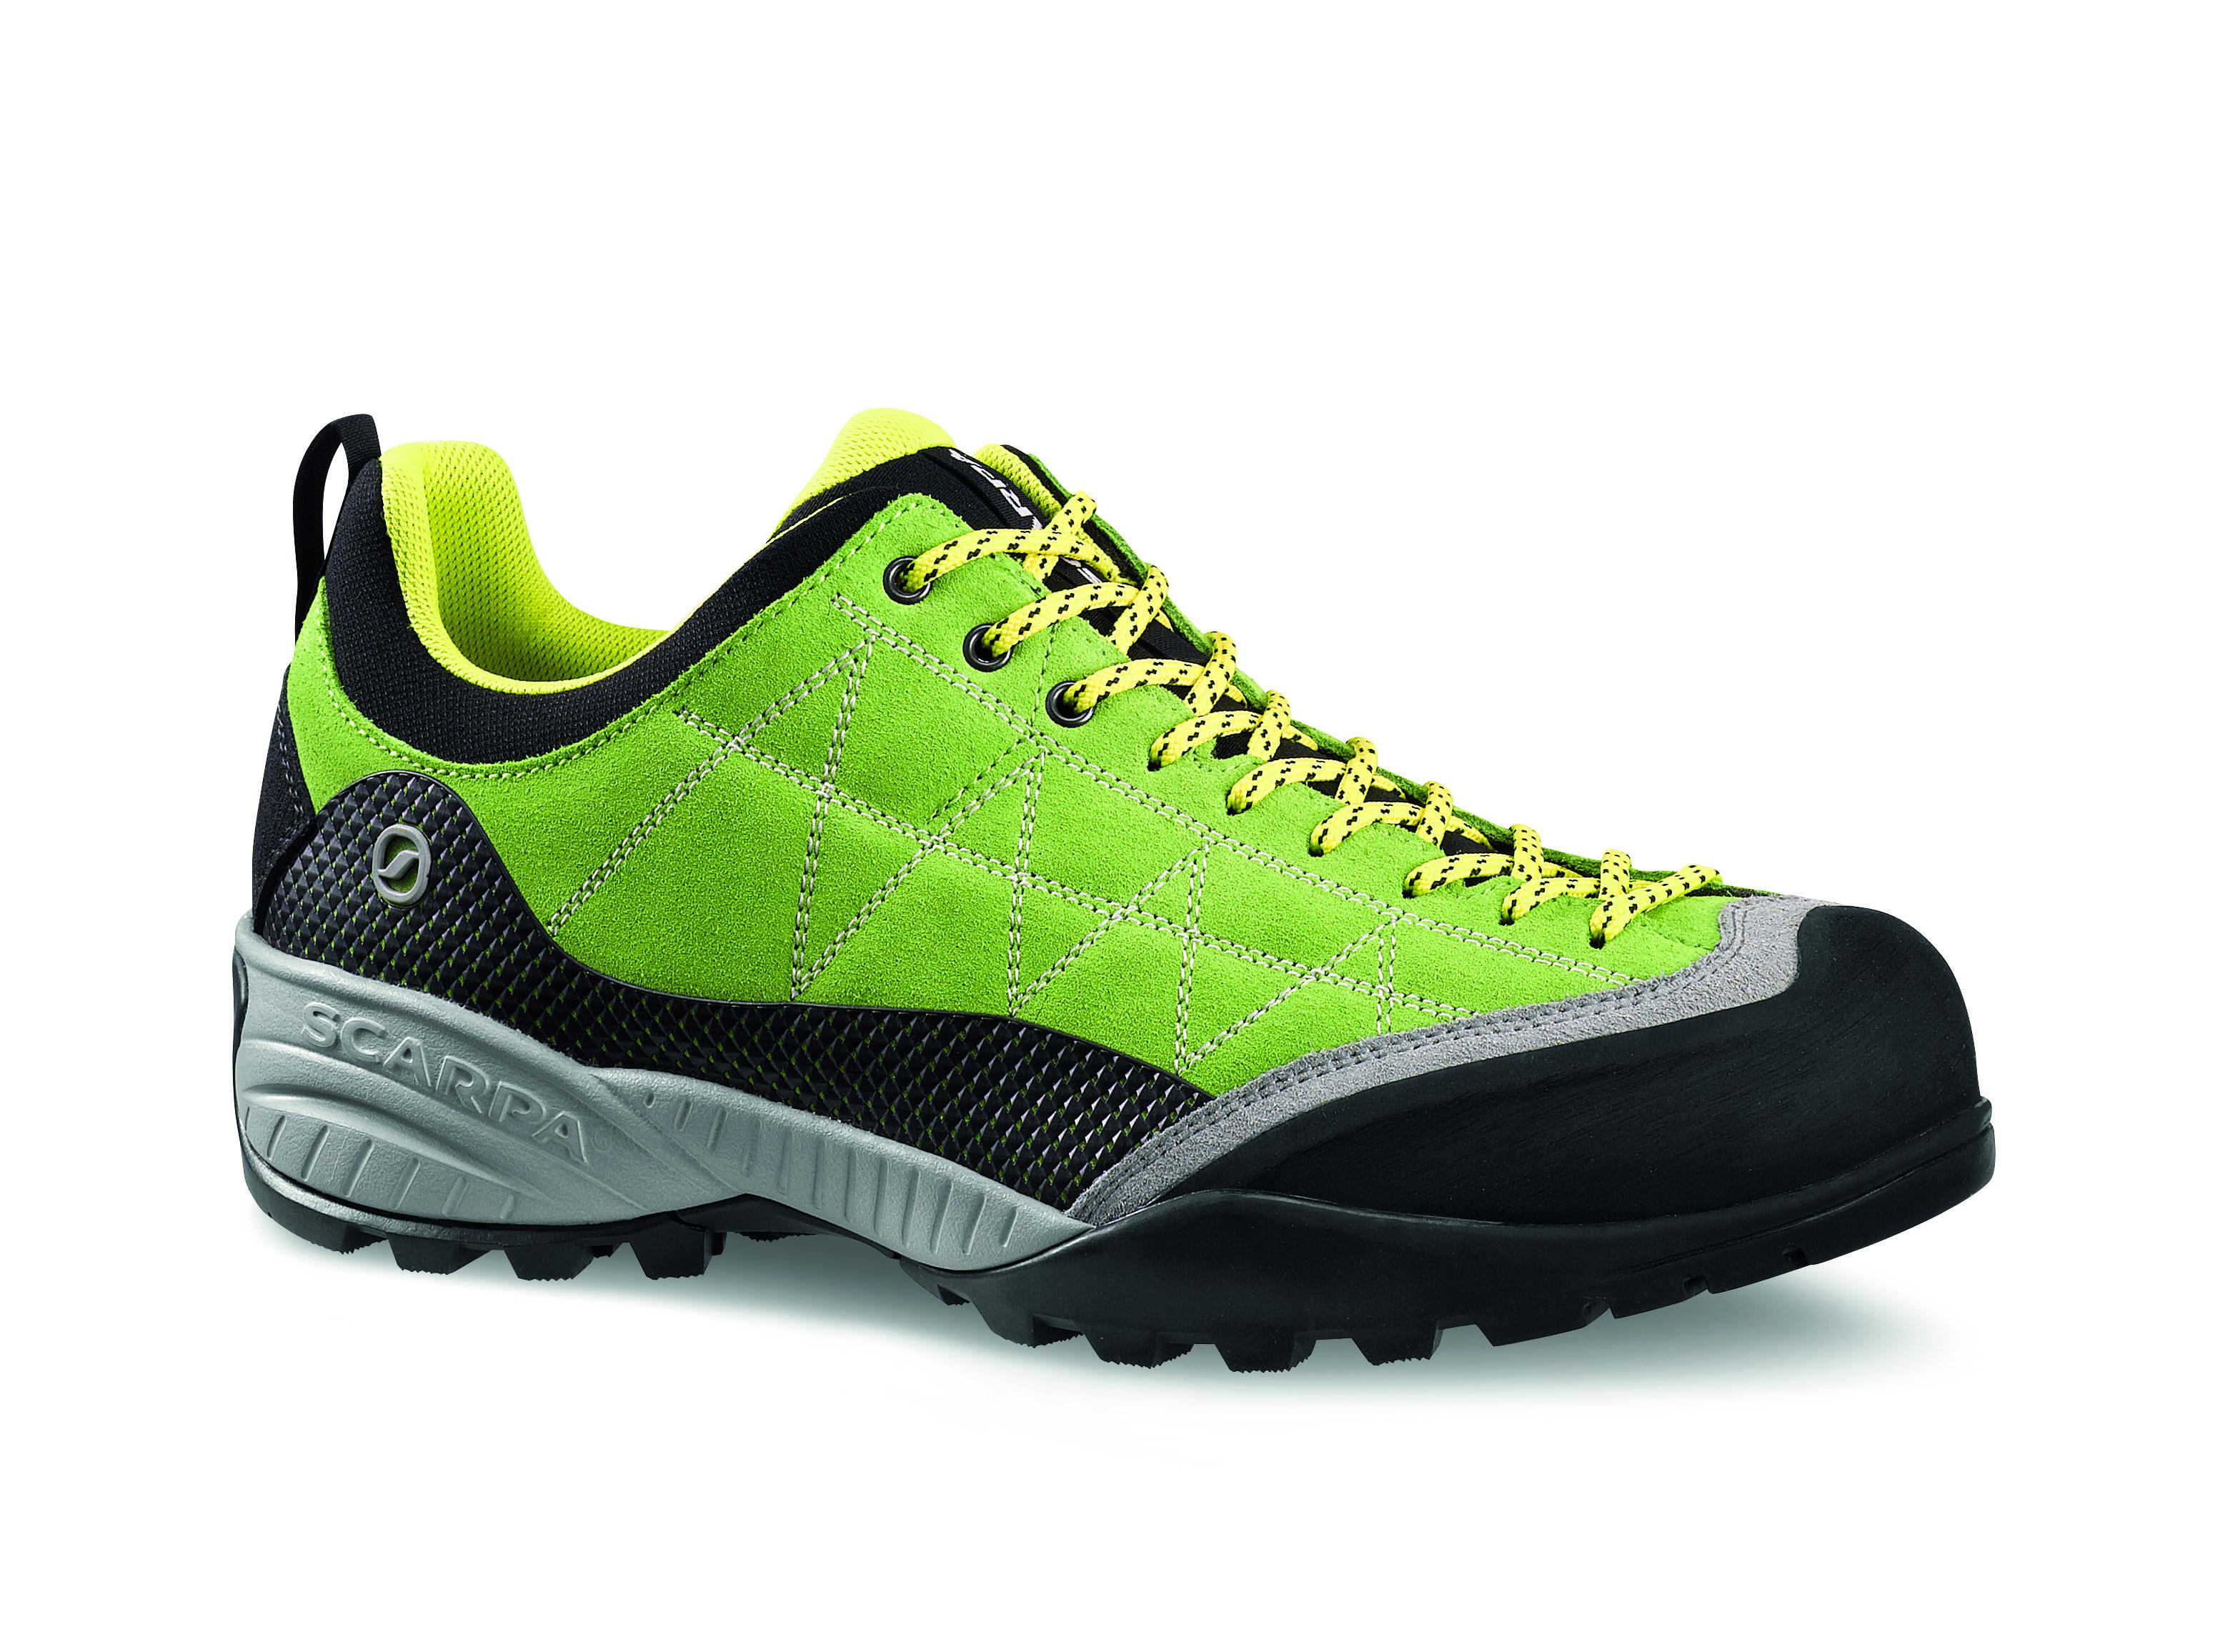 Scarpa Mens Zen Hiking Shoe ZEN  Hiking Shoe-M